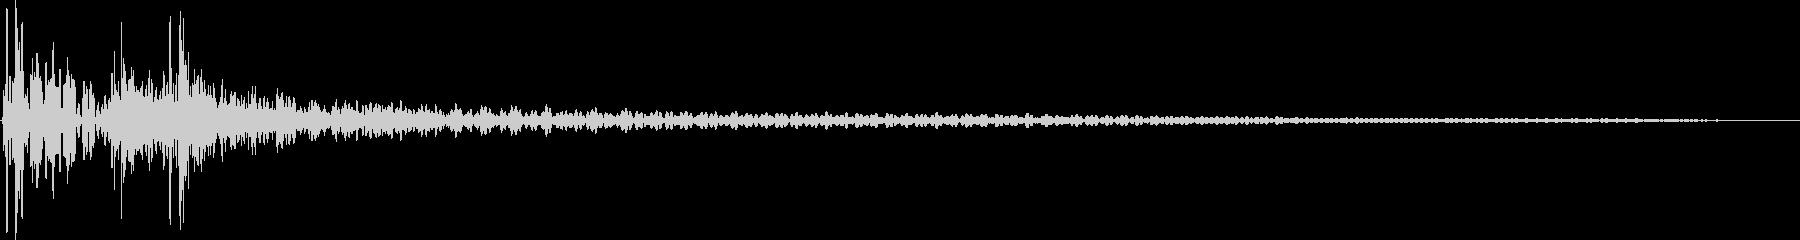 ドンカカっ(和太鼓)の未再生の波形